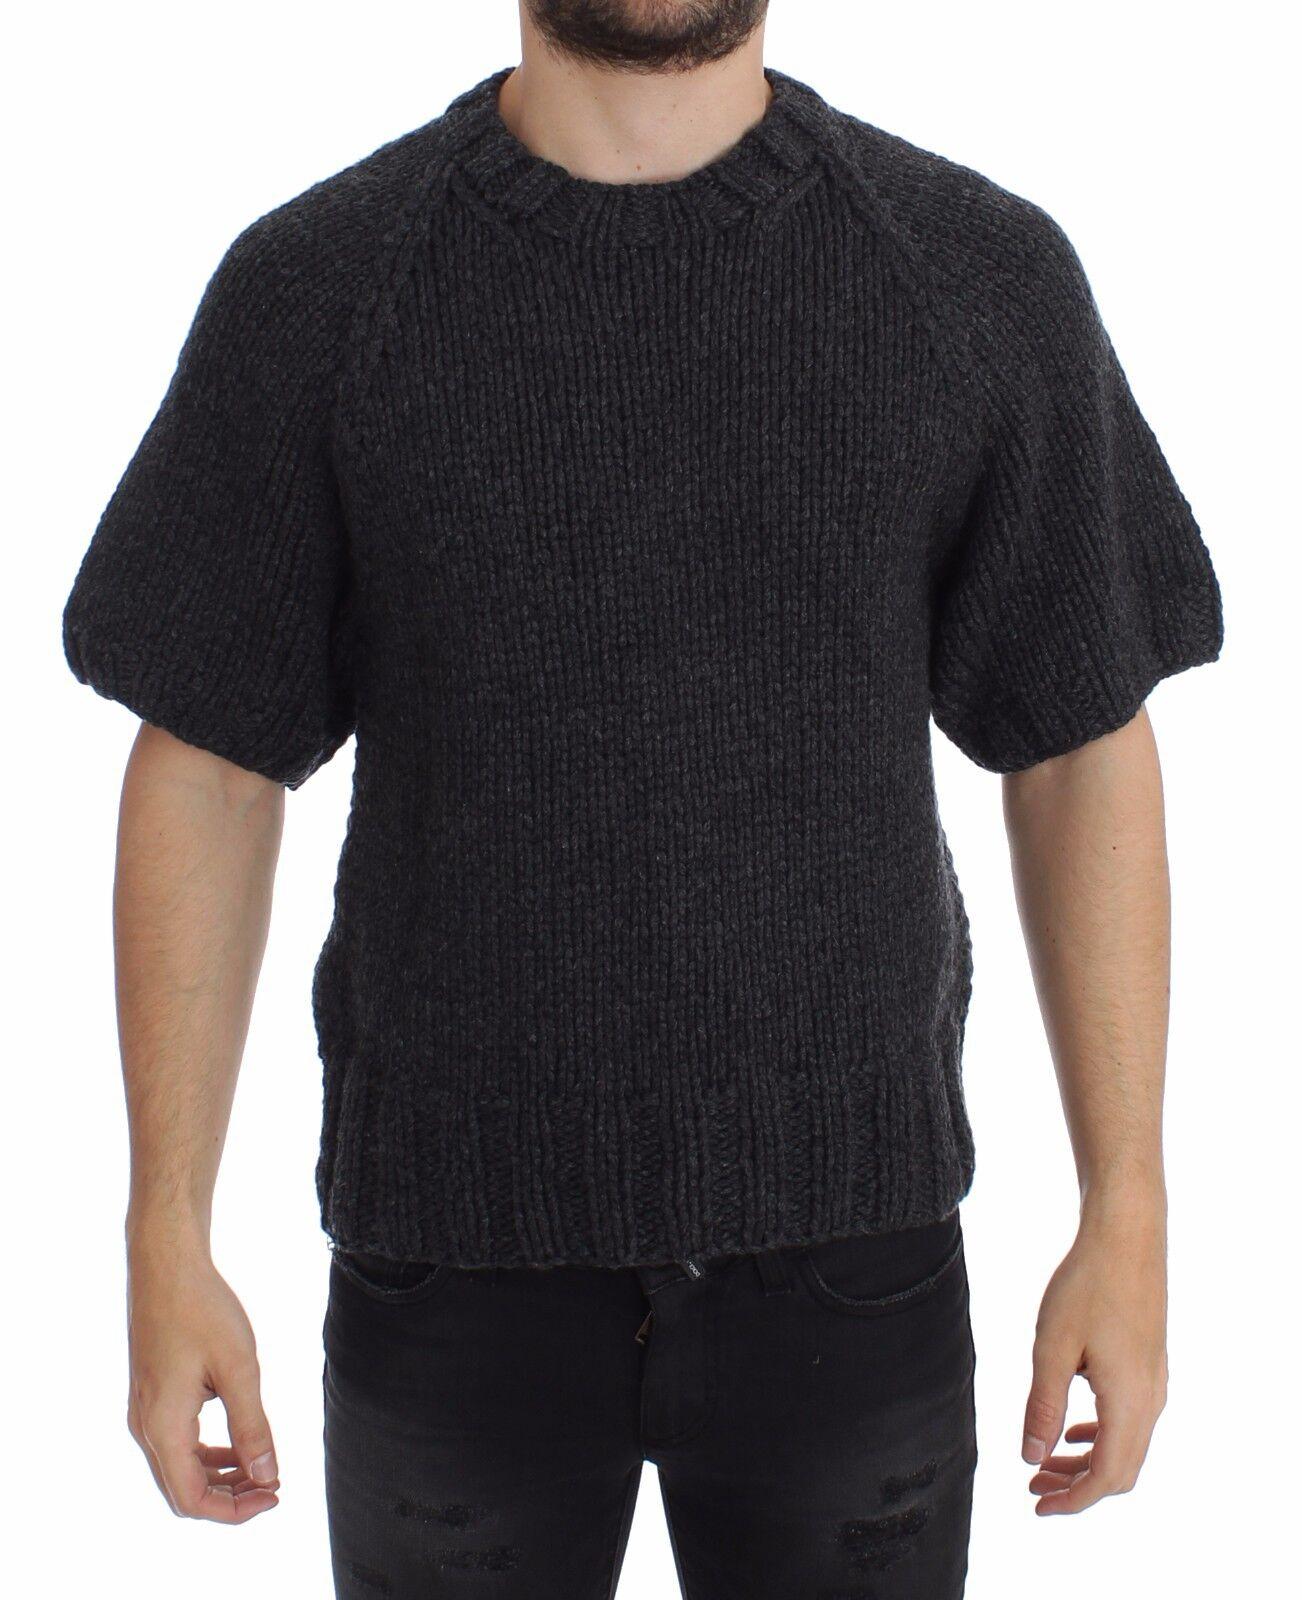 NUOVA CON ETICHETTA DOLCE & GABBANA grigio cashmere Maglia Shortsleeved maglione